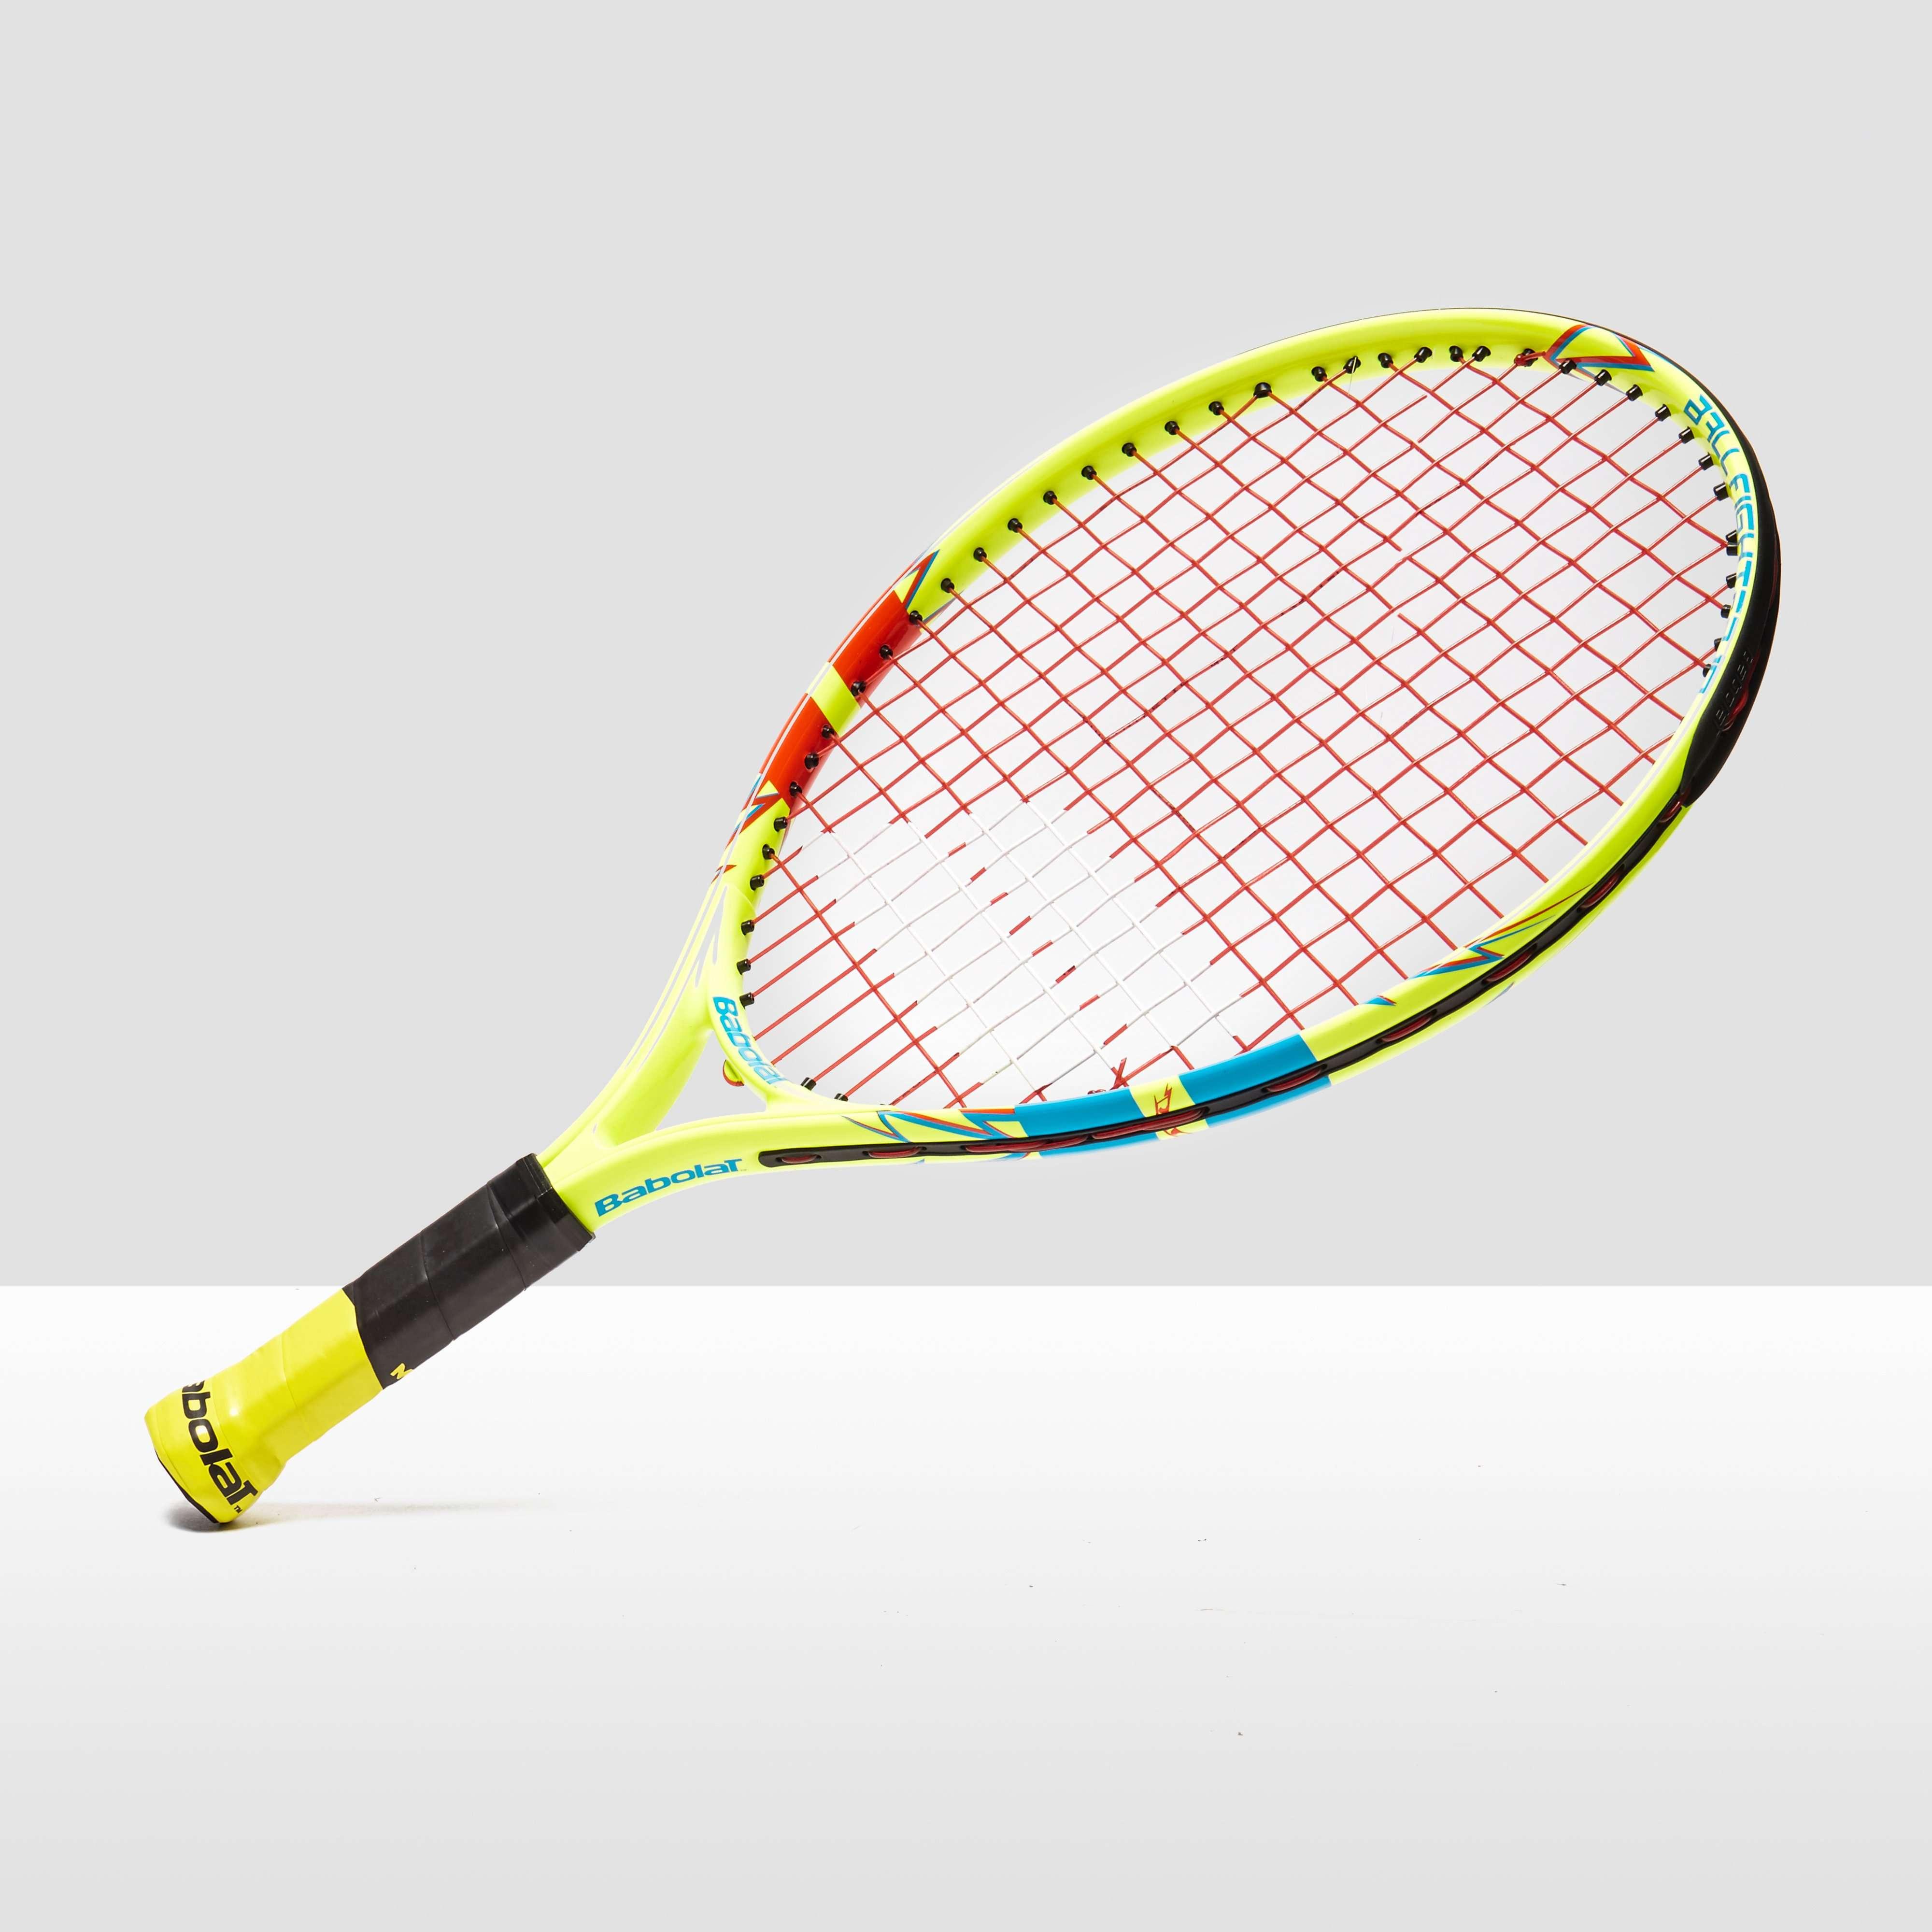 Babolat BallFighter 19 Junior Tennis Racket